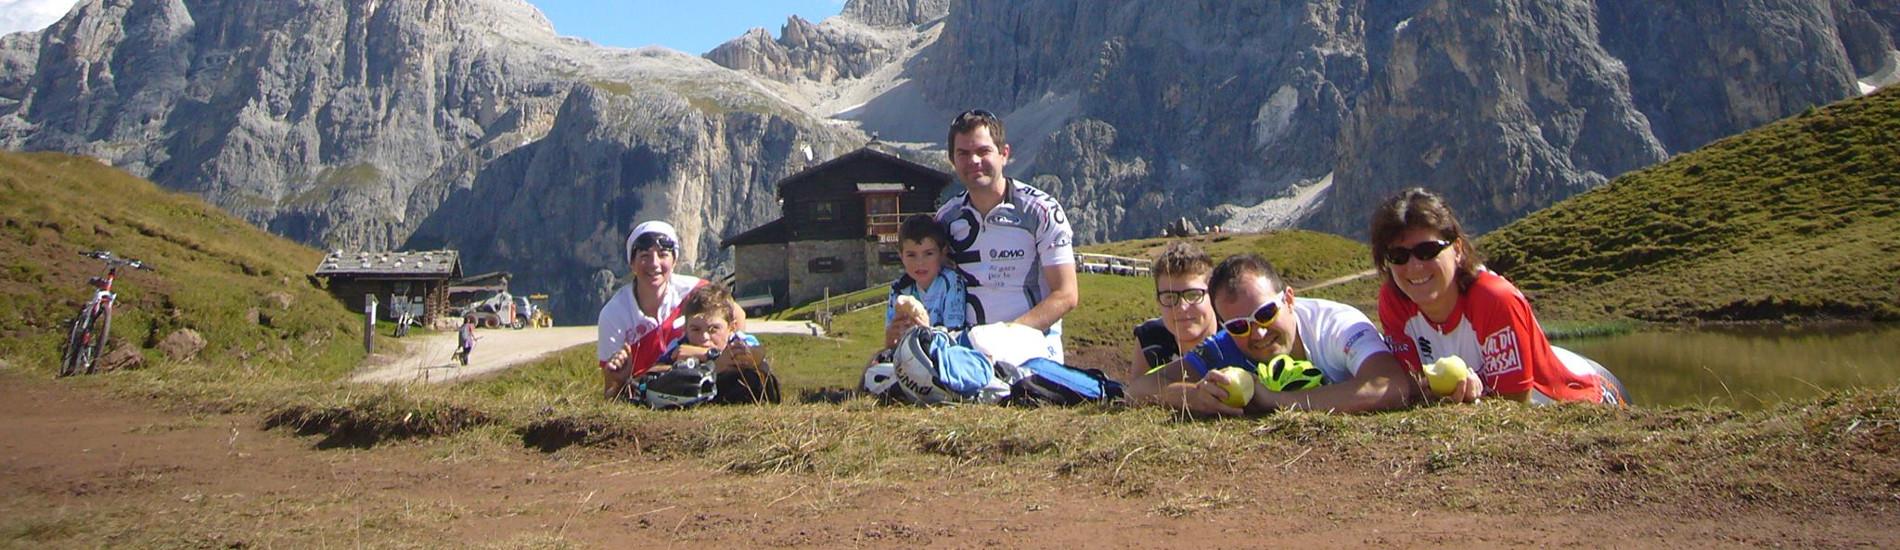 Vacanze famiglia in trentino con bambini hotel la grotta for Vacanze in famiglia